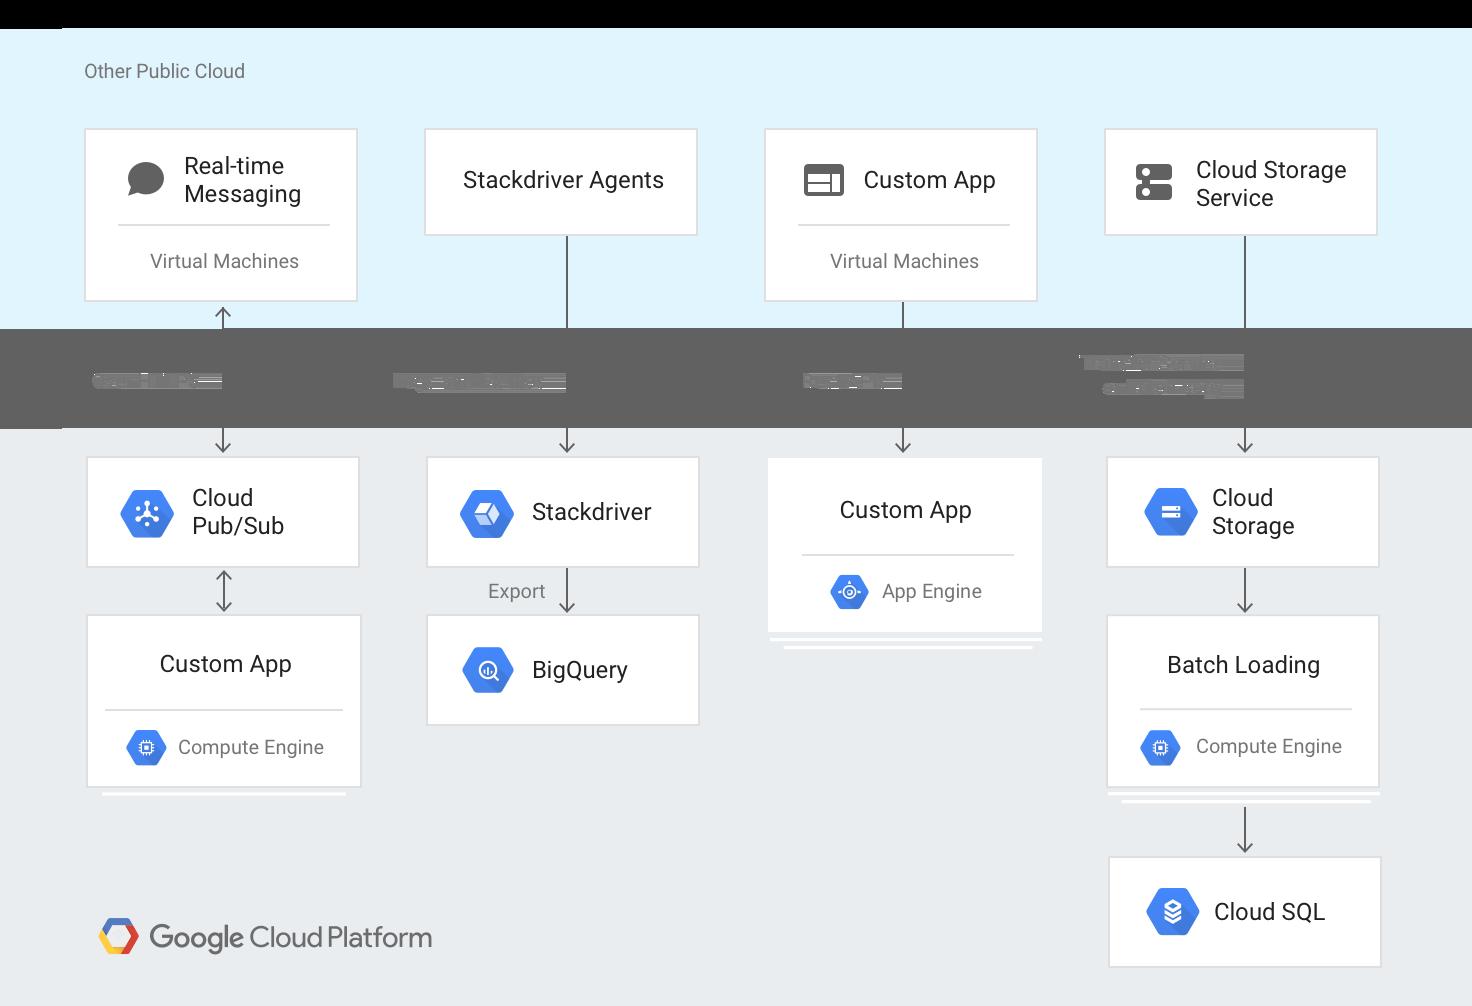 Diagramm: Architektur eines Systems mit Google Cloud und einem anderen Cloud-Anbieter